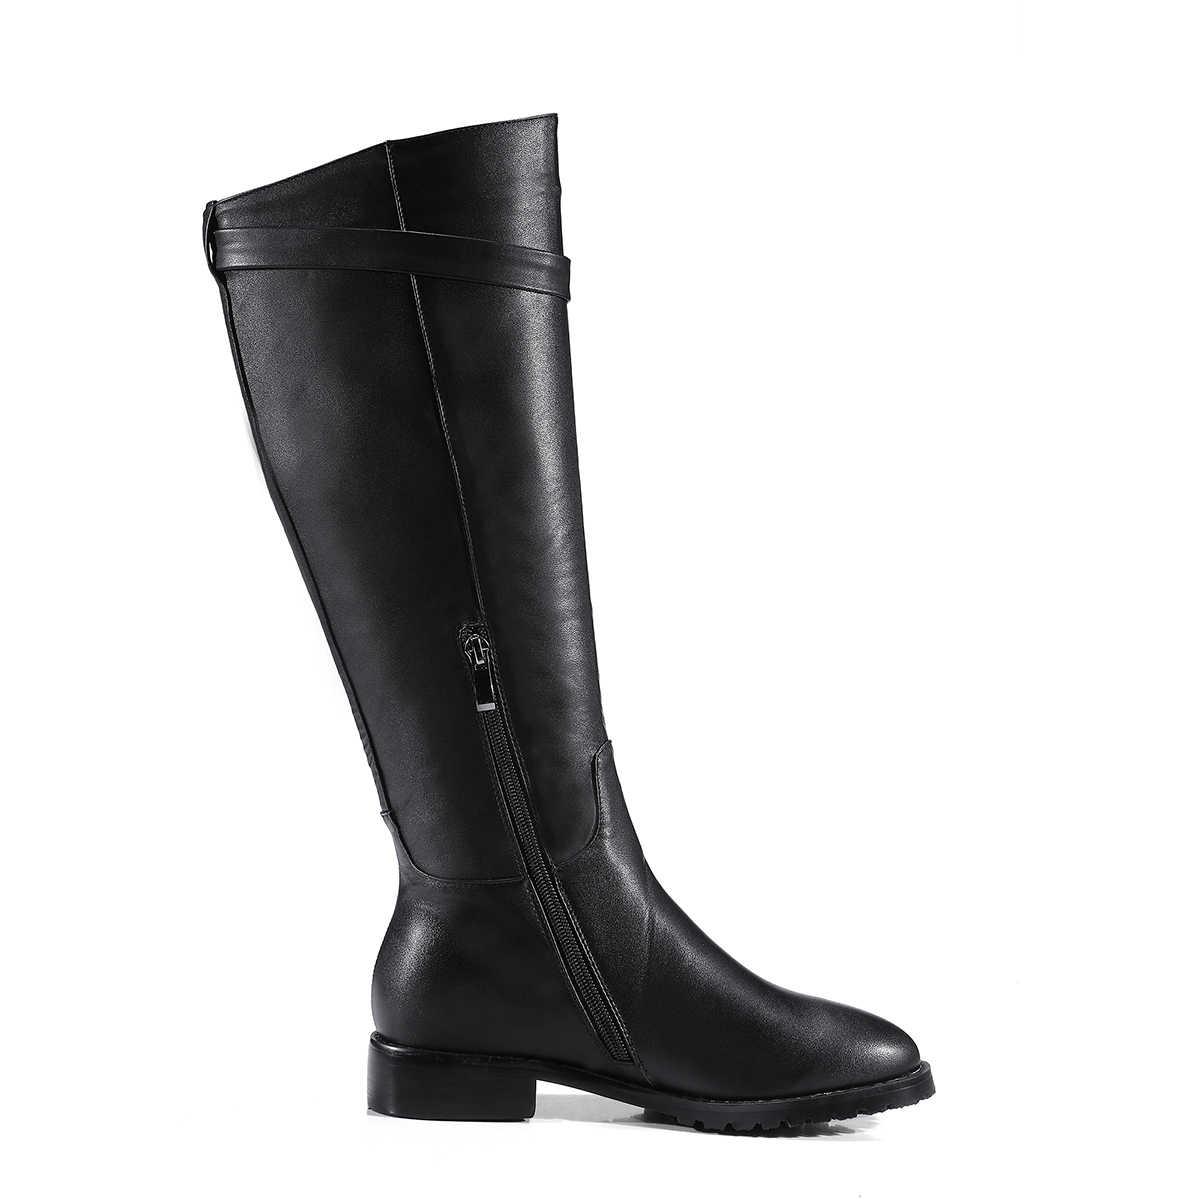 Winter Bequeme Flache Kniehohe Stiefel Frauen Faux Leder Niedrigen Ferse Zipper Stiefel Fell Warme Mode Frauen Schuhe Plus Größe 43 2018